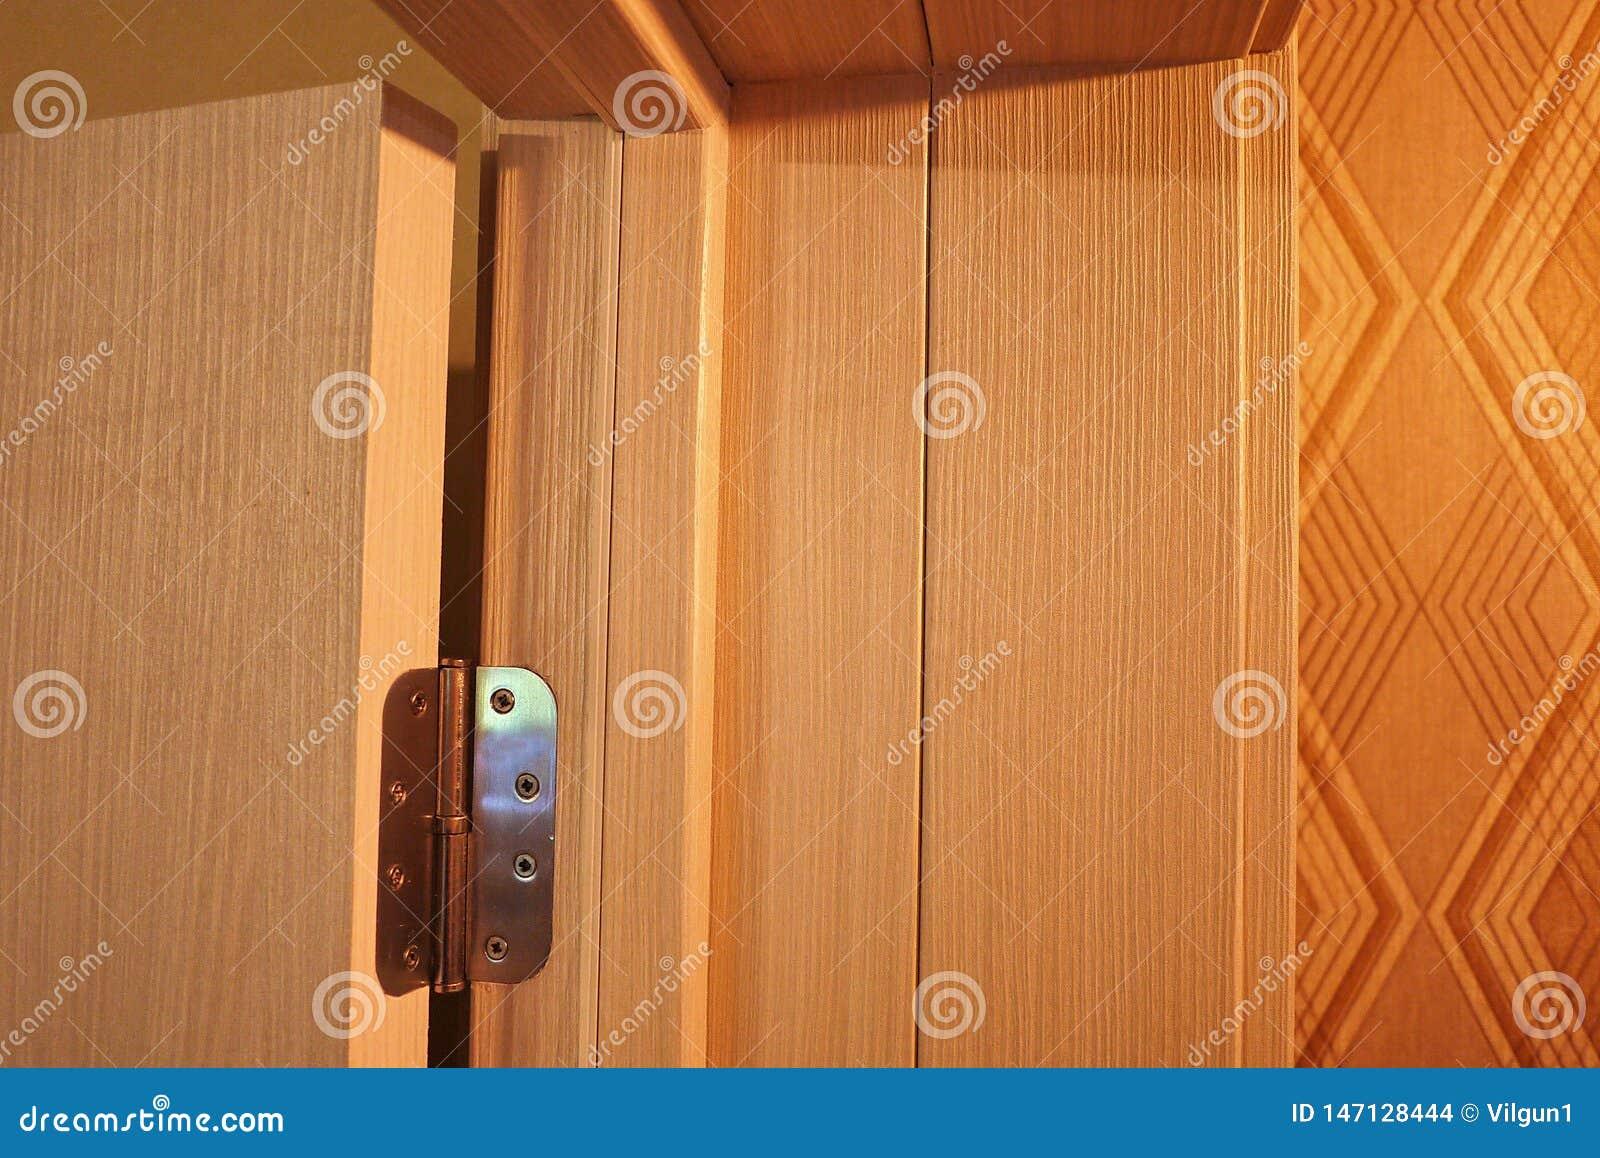 Το εσωτερικό ενός δωματίου που εγκαθίσταται με ένα νέο εσωτερικό πόρτα Η εγκατεστημένη πόρτα συμπληρώνει αρμονικά το εσωτερικό το